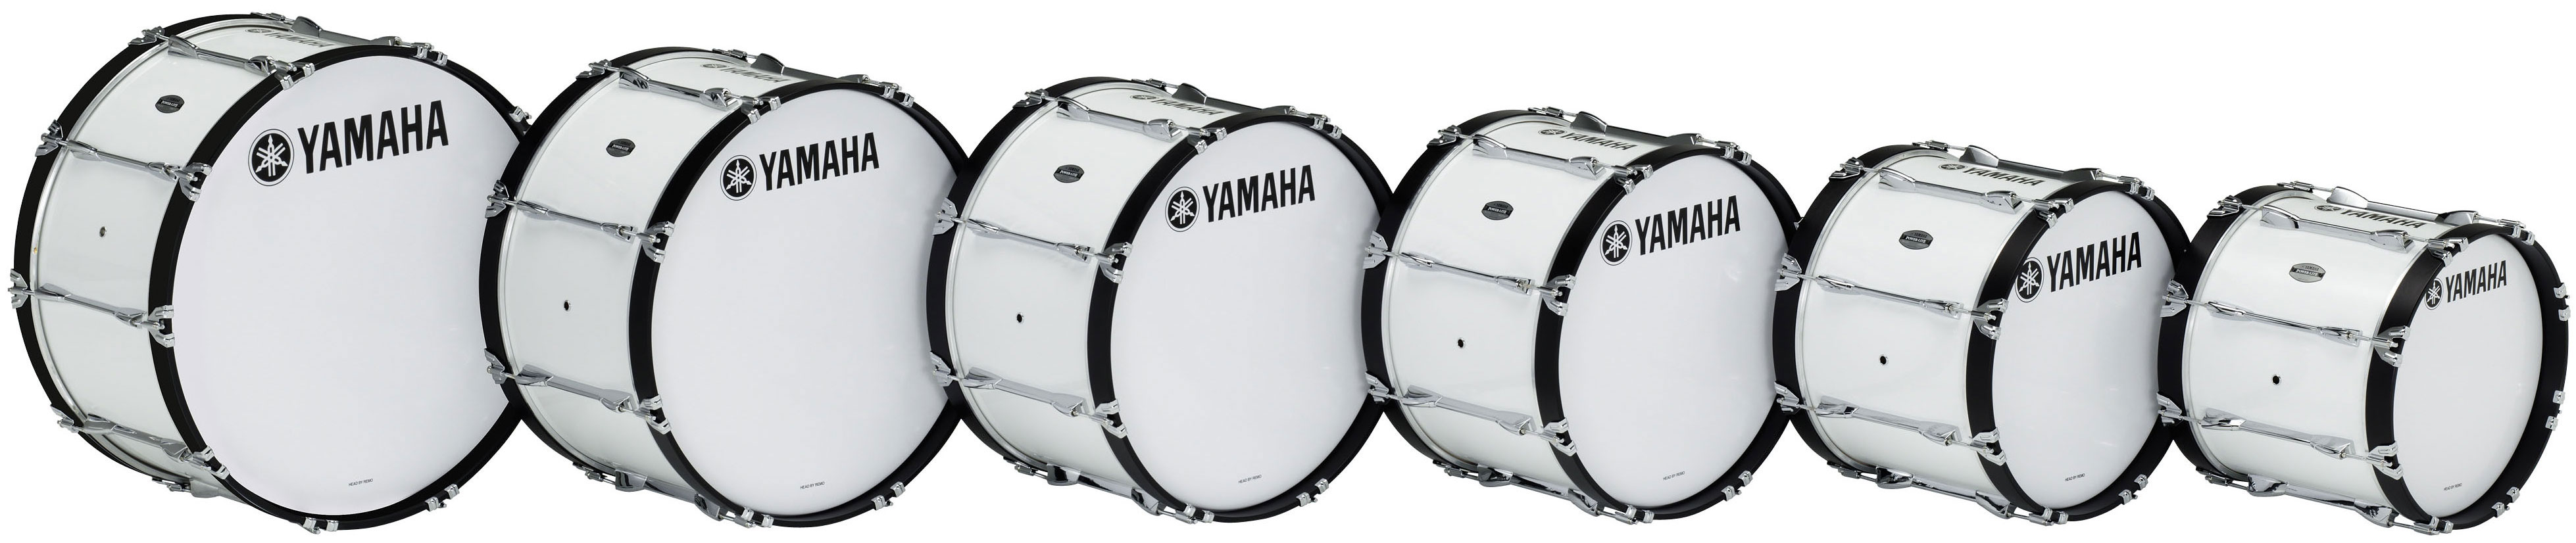 ヤマハ マーチングバスドラム MB-6324 ホワイト 【本州・四国・九州への配送料無料】